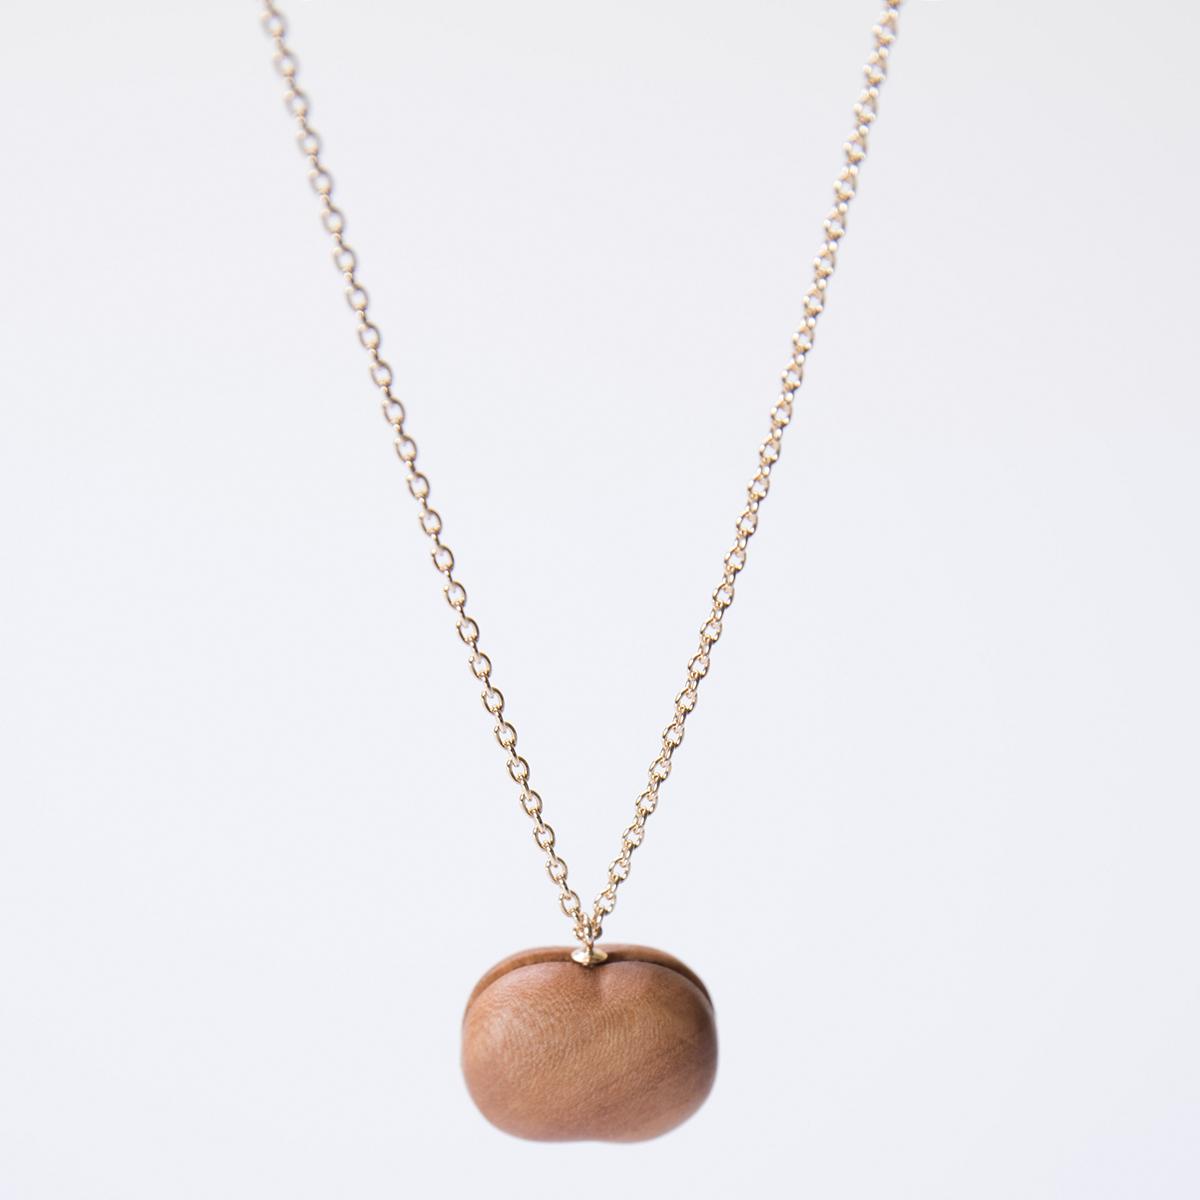 CHITOSE GRAIN S 一粒の小さなりんご ネックレス ショート 木村木品製作所 /マルゲリータ